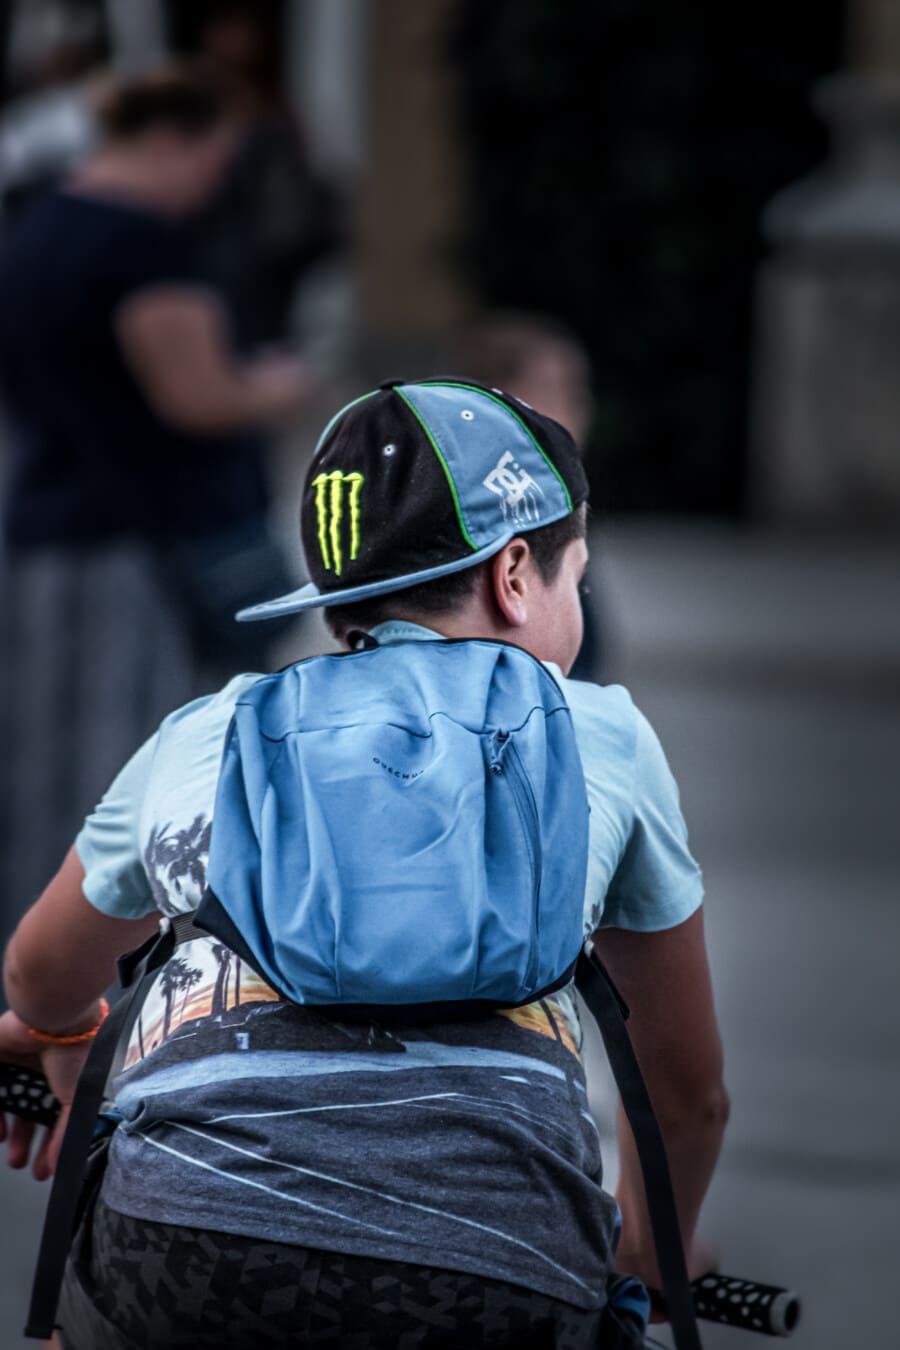 garçon, enfant, au volant, vélo, rue, urbain, à l'extérieur, des loisirs, personne, vêtements